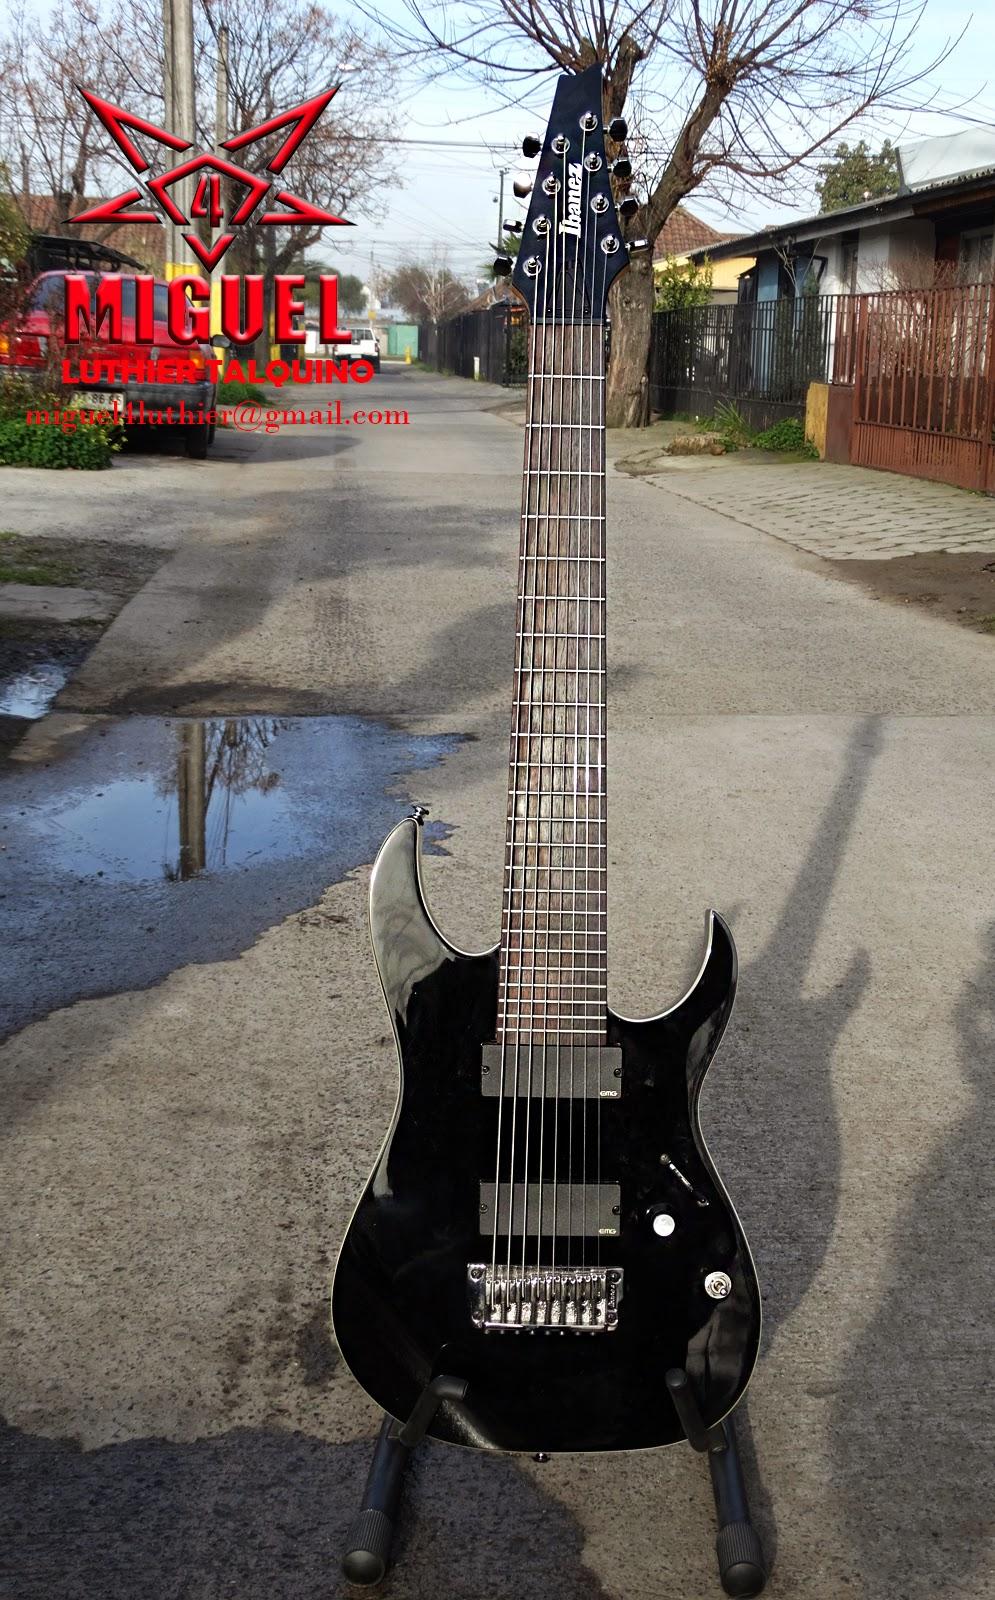 Luthier miguel4 talca guitarra el ctrica ibanez for Luthier guitarra electrica